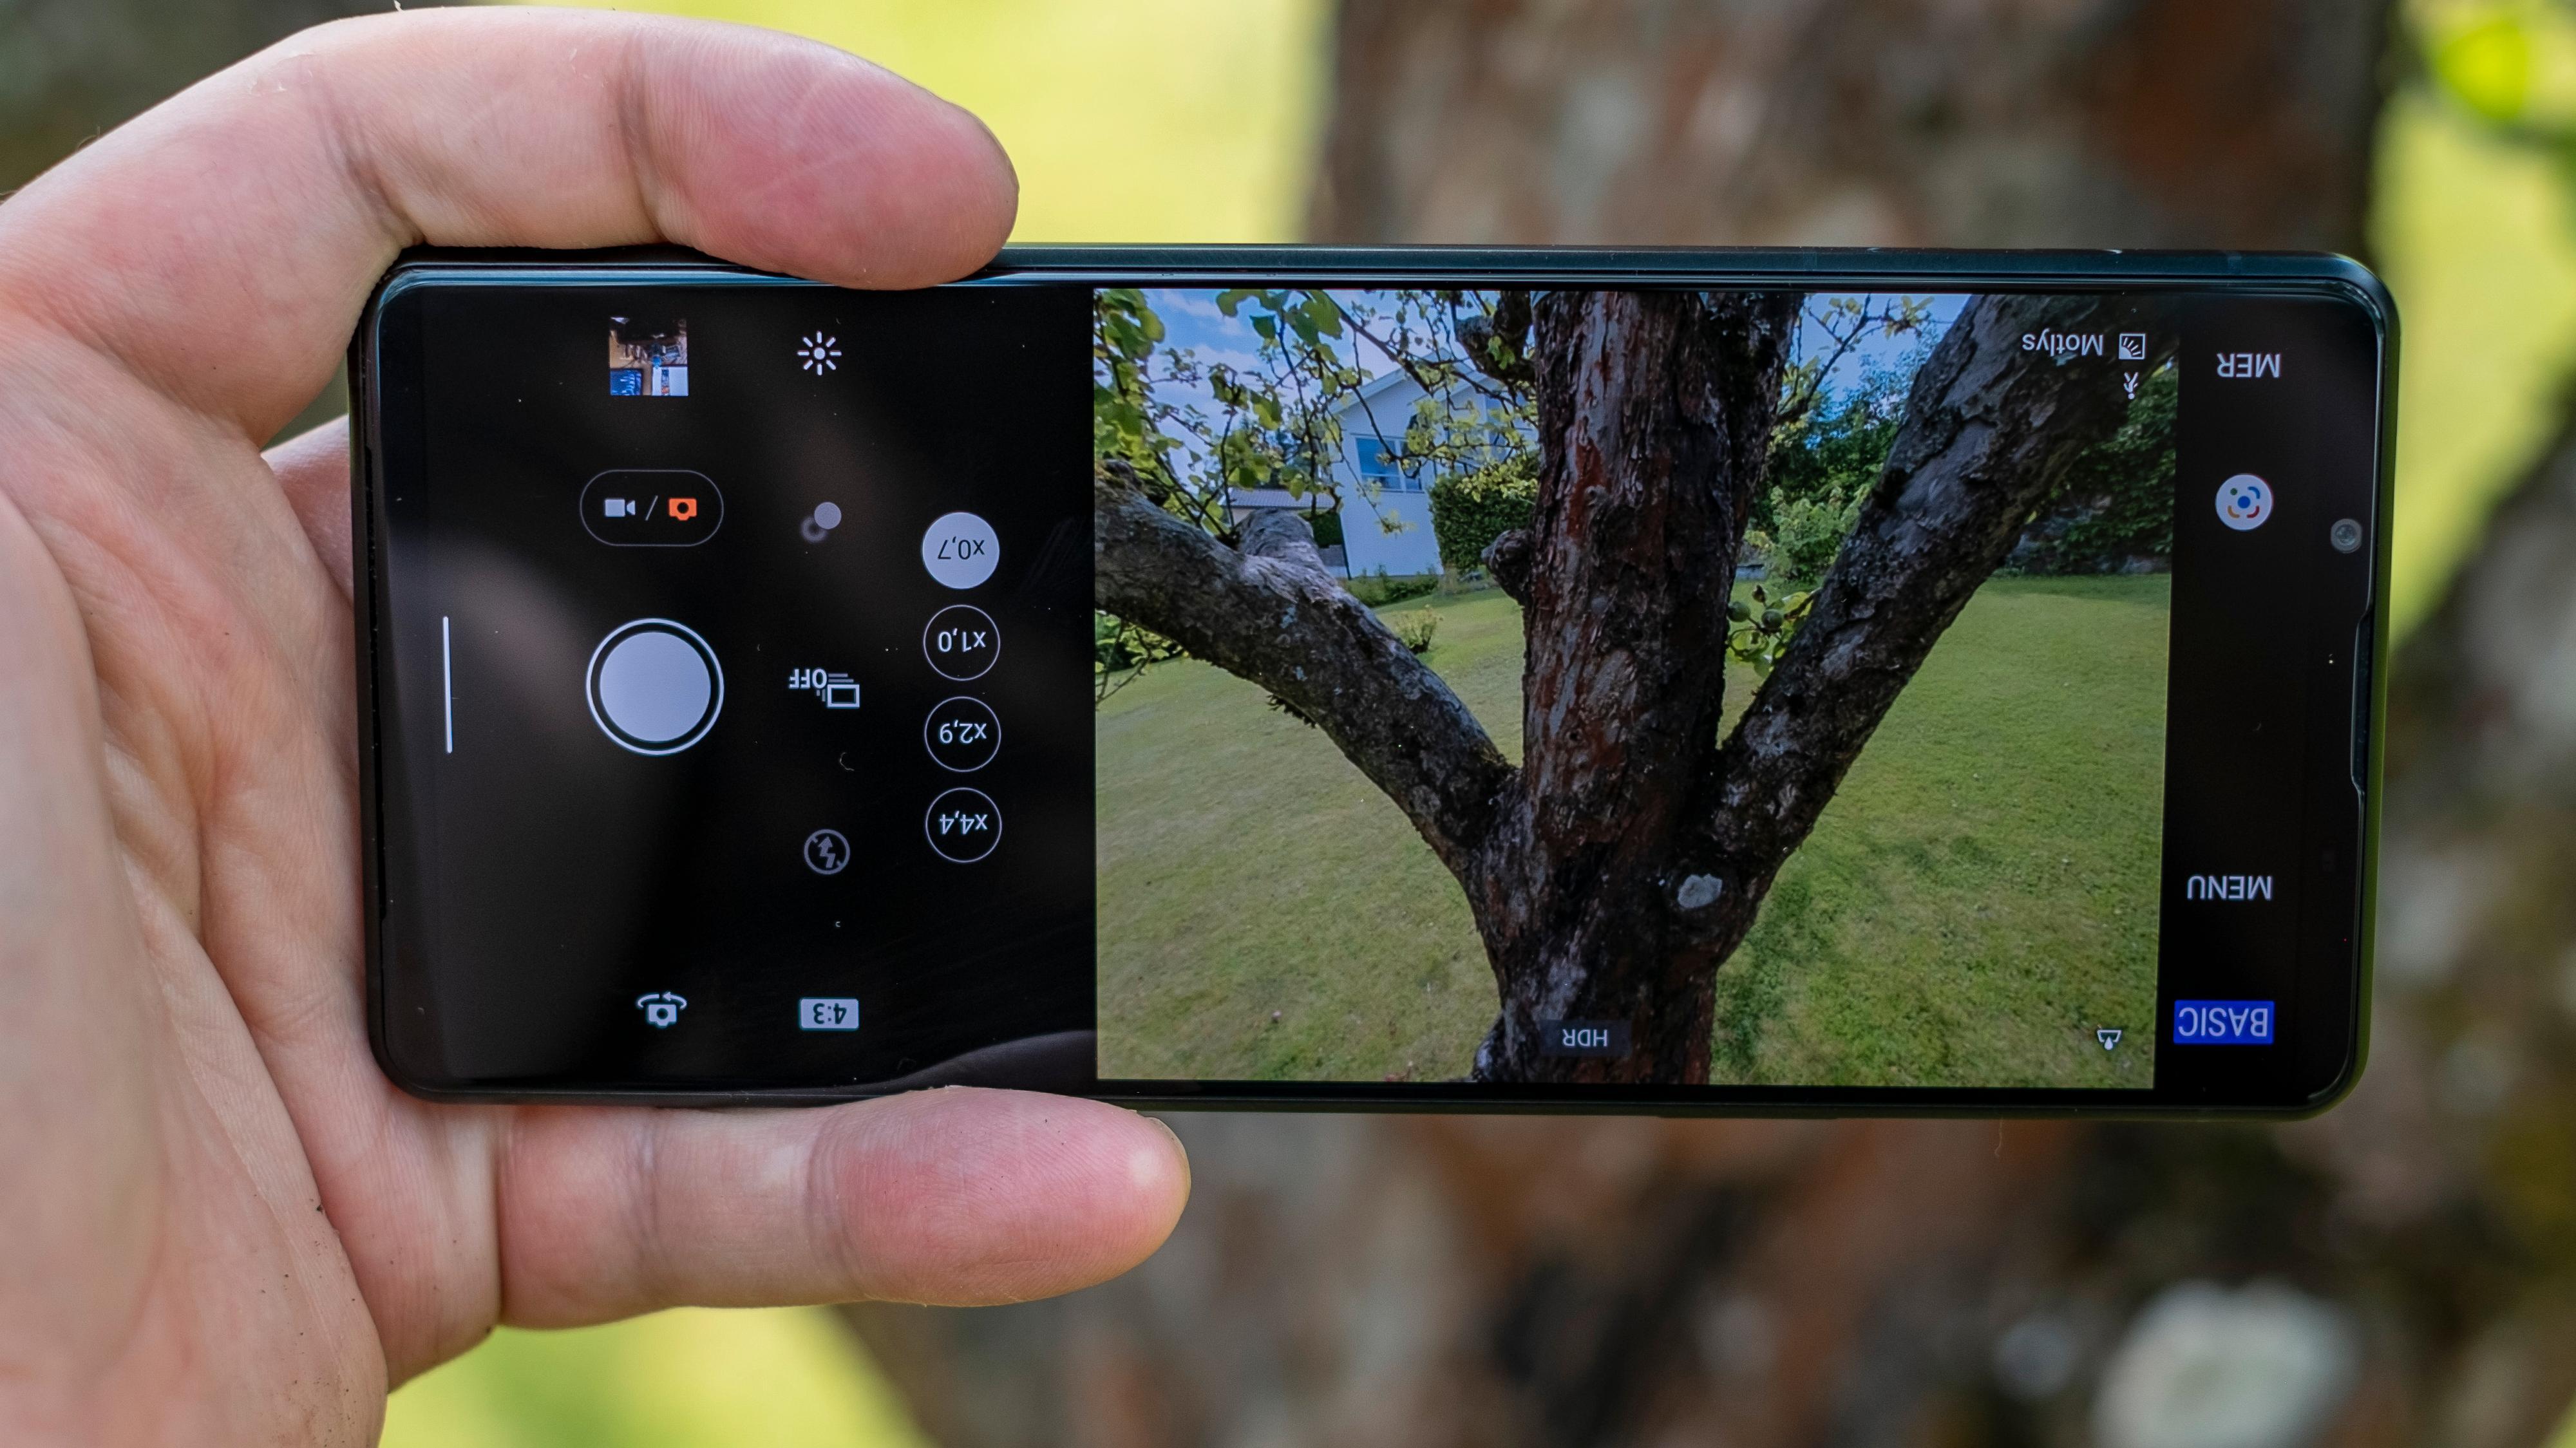 Opp ned?! Var det så vanskelig å snu kameraappen etter hvordan mobilen brukes, Sony?